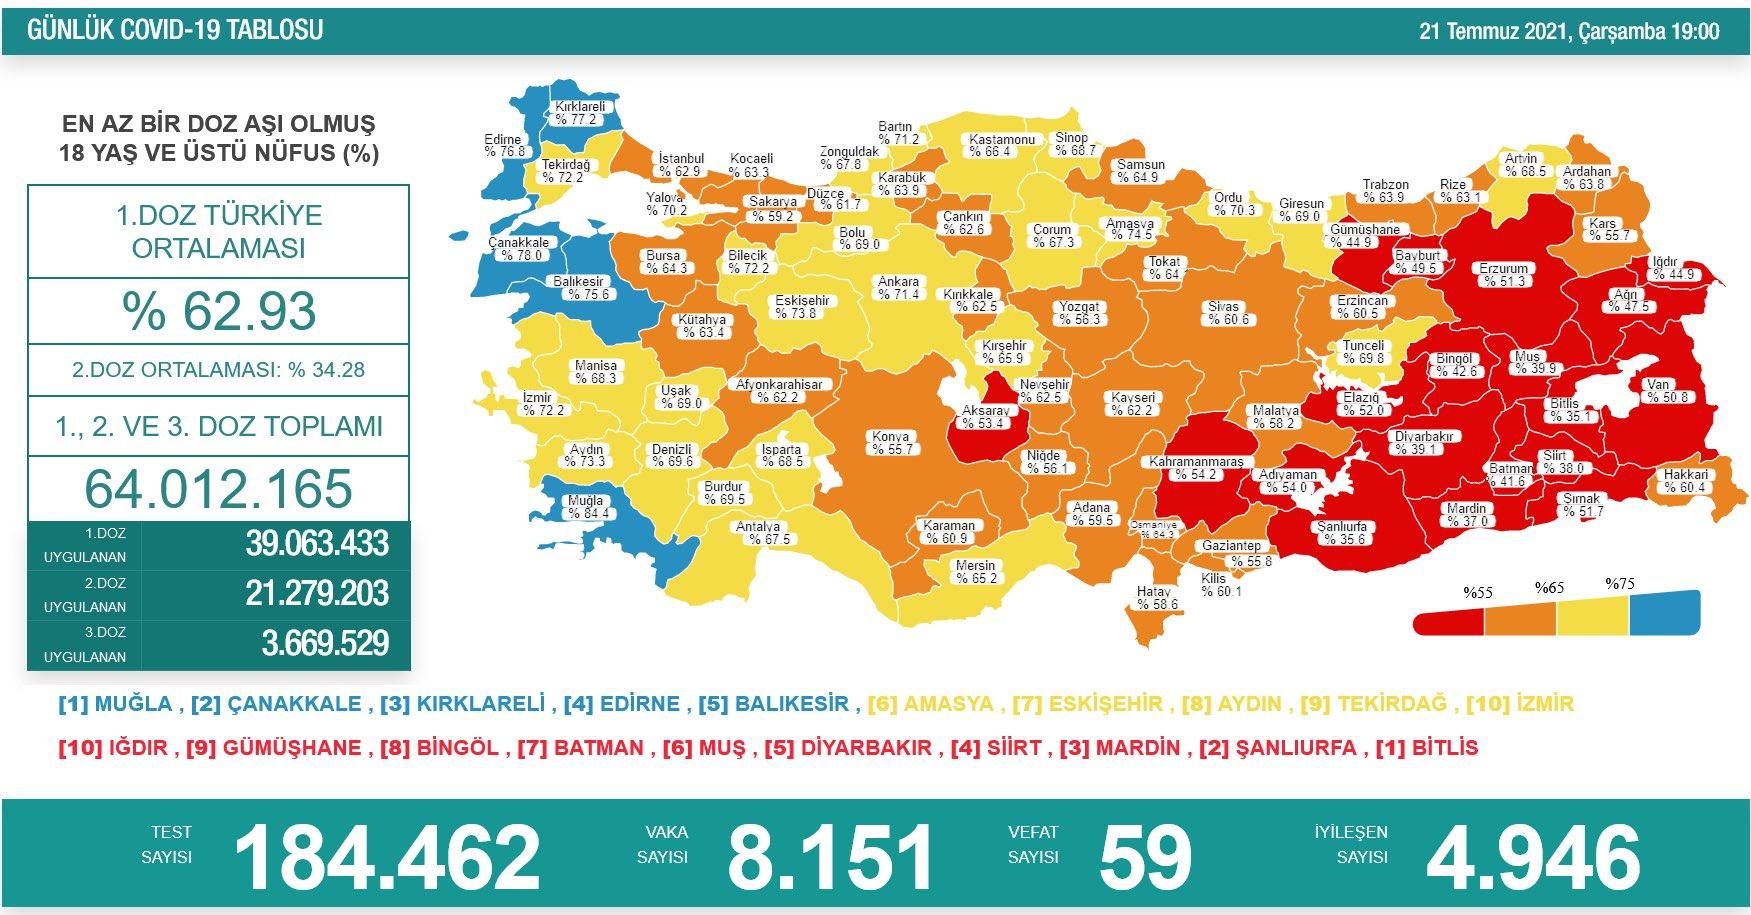 21 Temmuz 2021 Türkiye Koronavirüs Tablosu Açıkladı